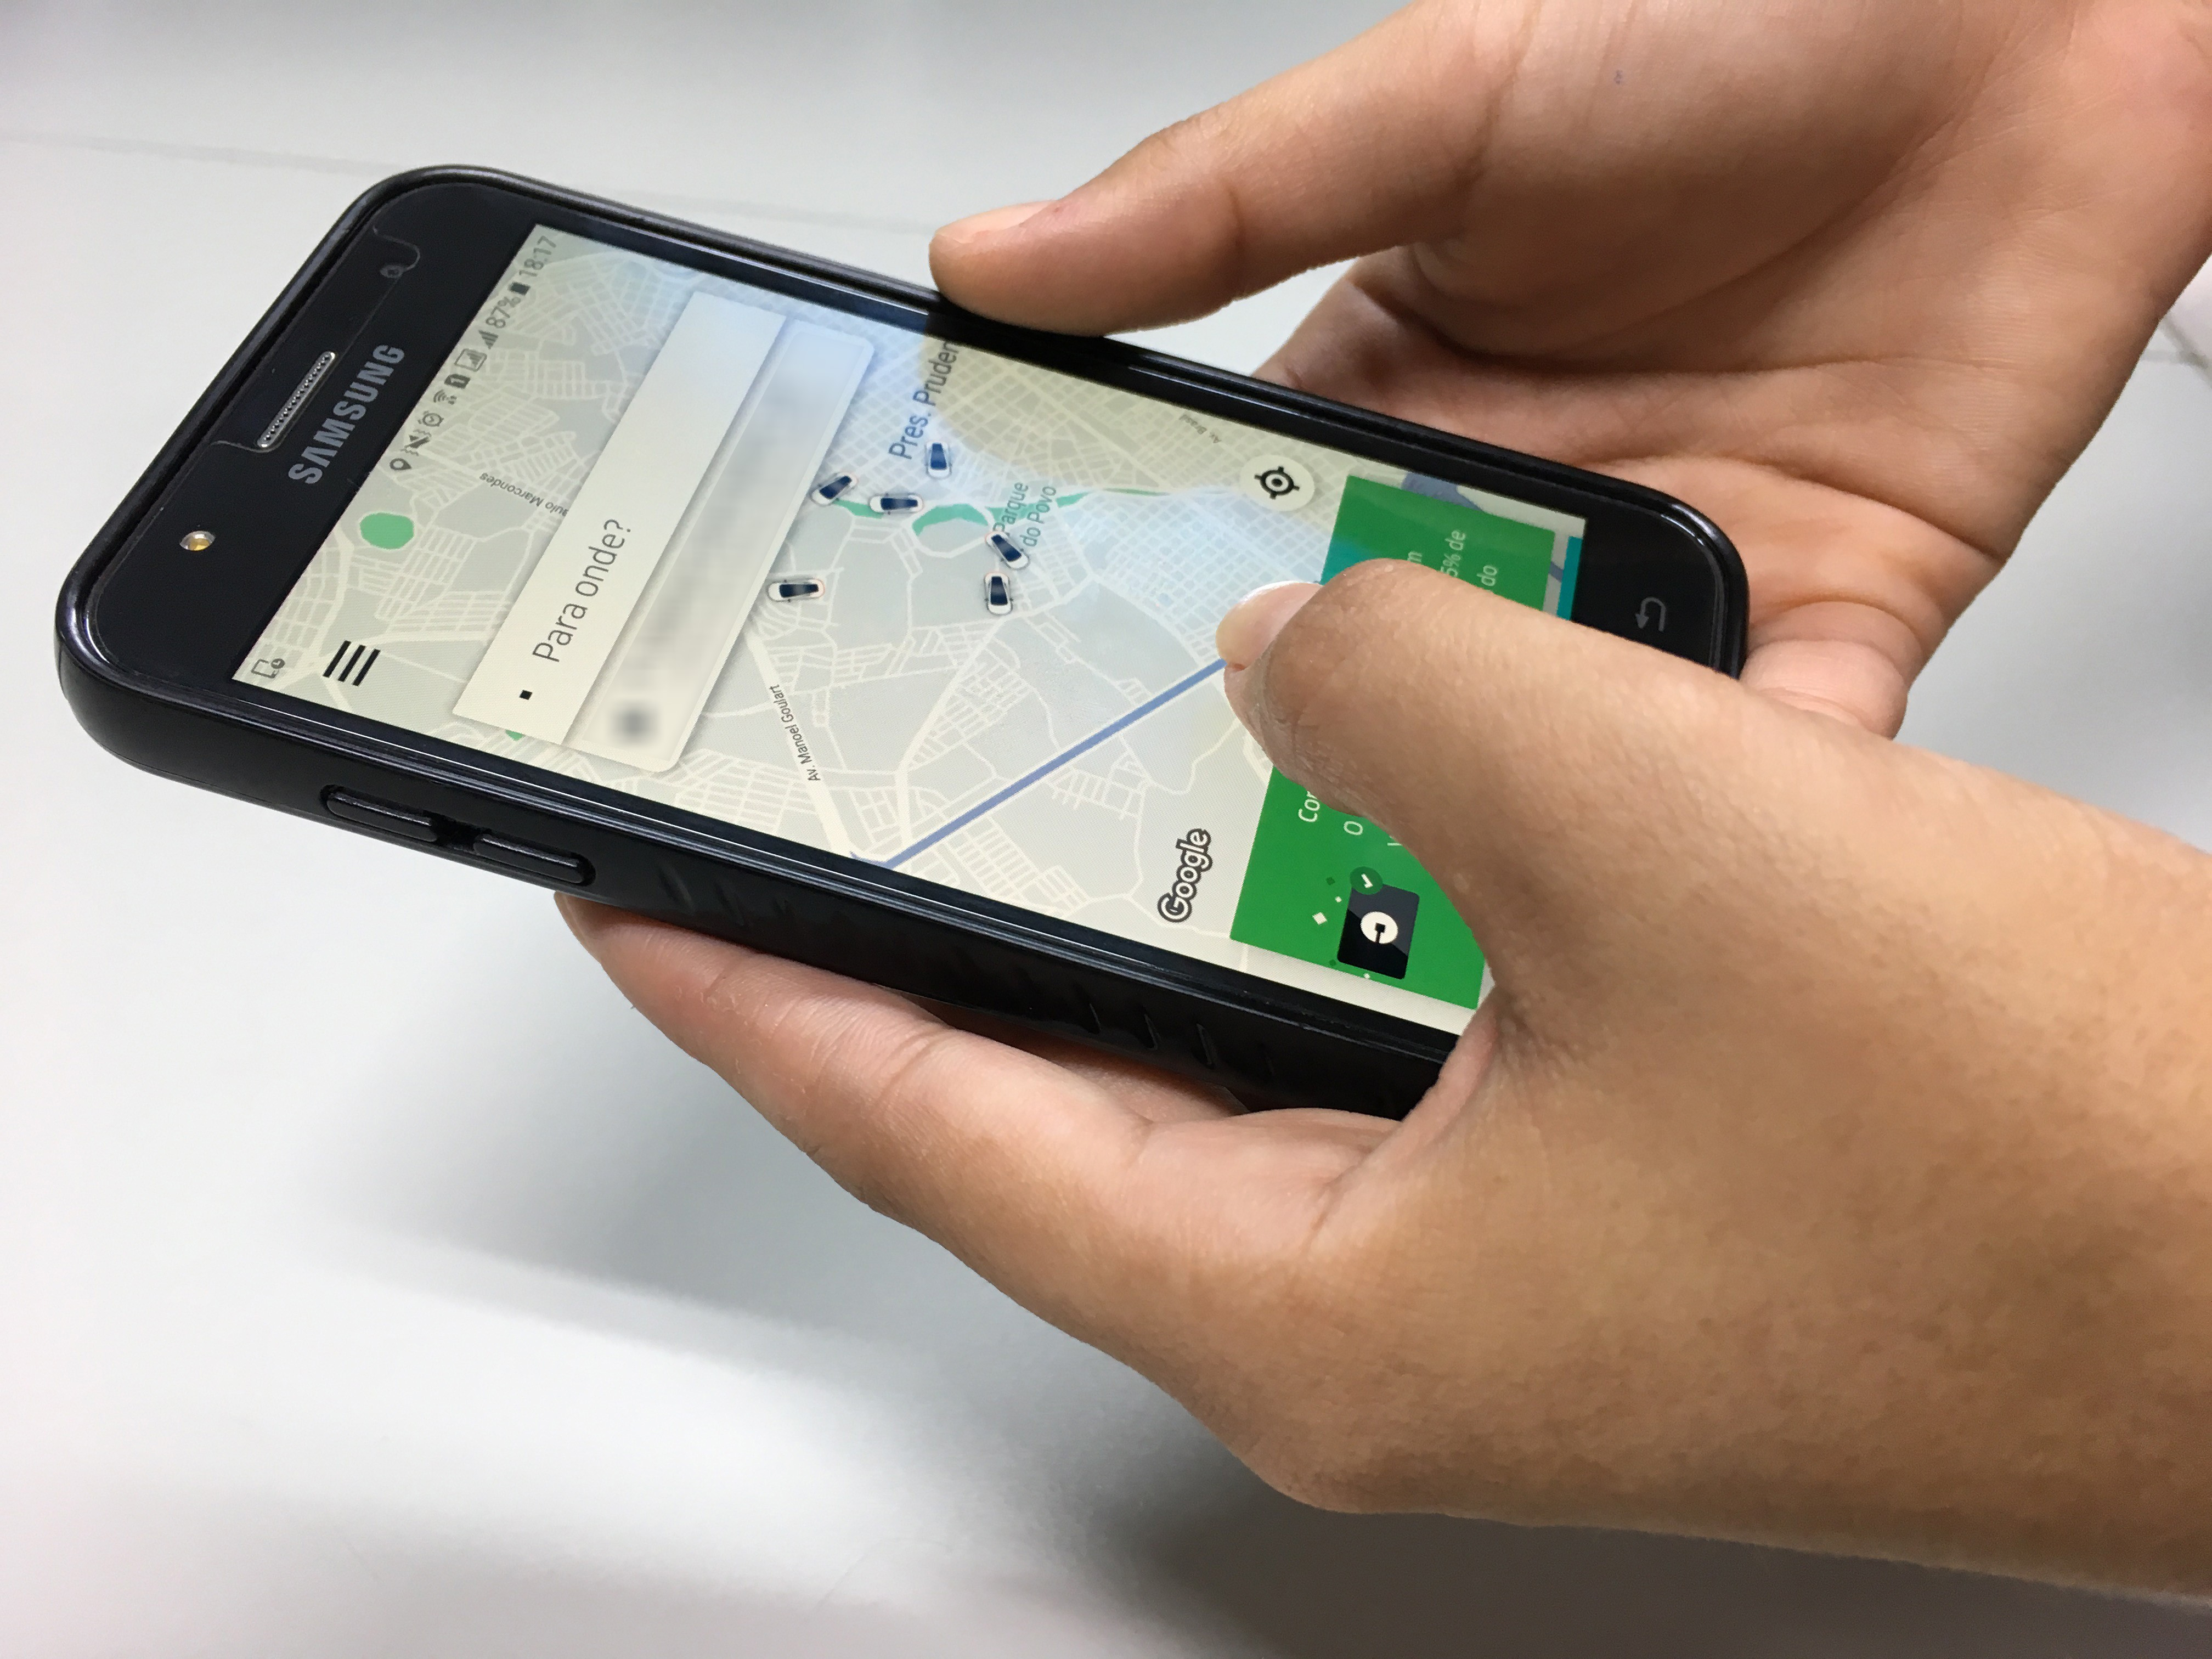 Regulamentação de aplicativos como Uber entra em discussão na Câmara de Juiz de Fora - Noticias